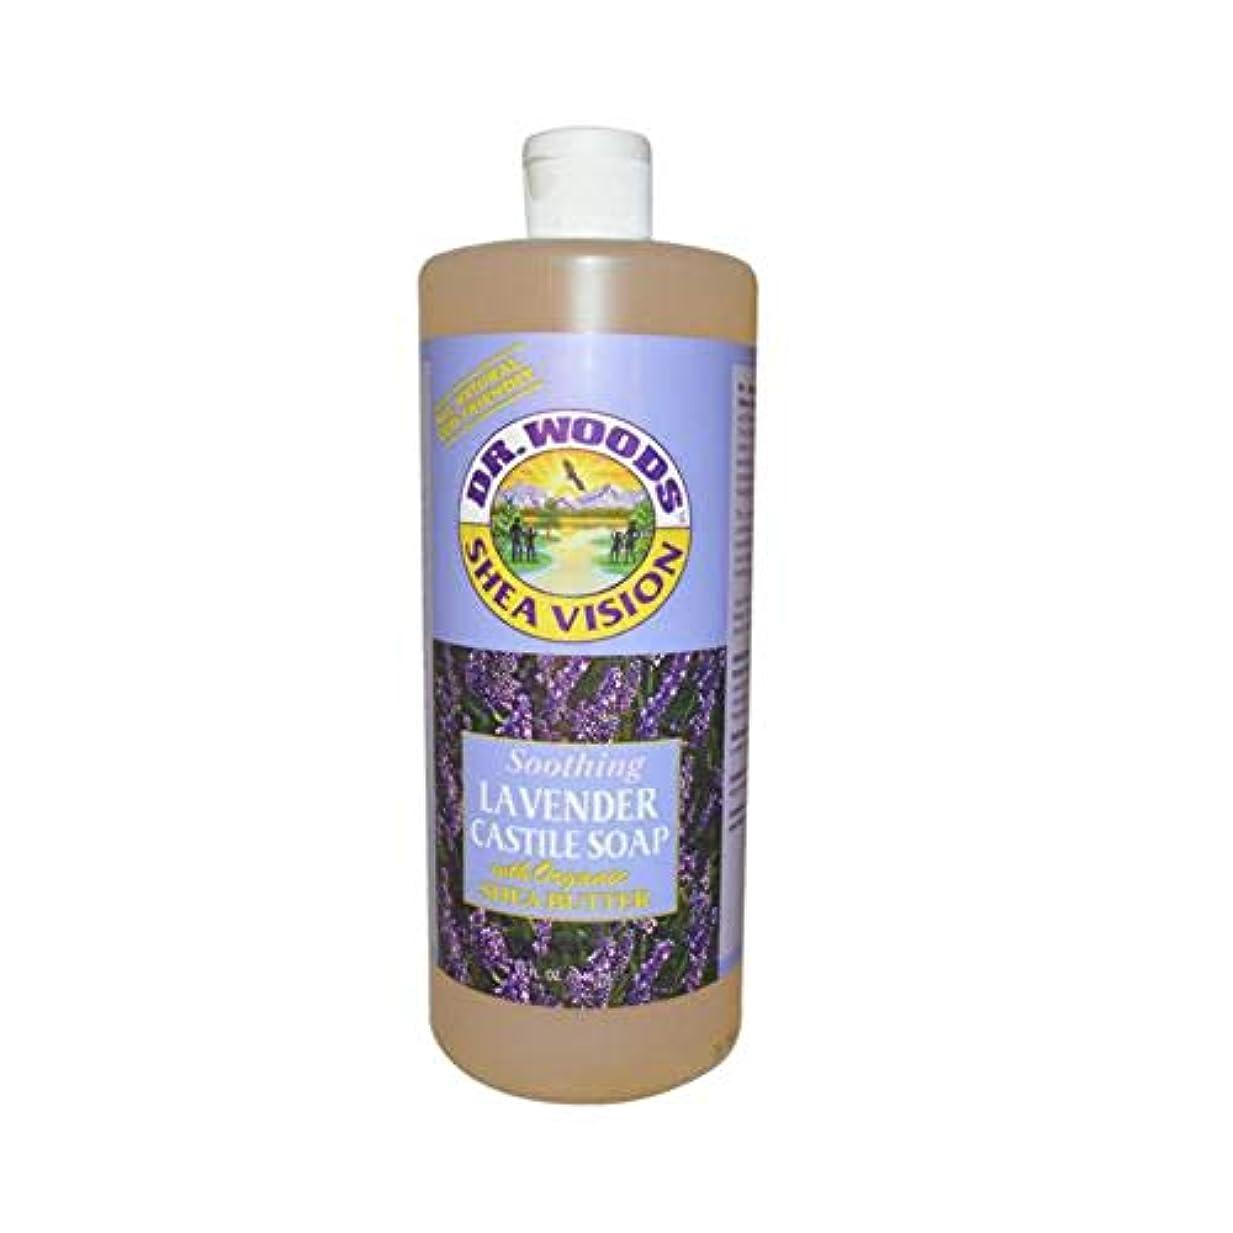 フラフープ収容する変装したDr. Woods, Shea Vision, Soothing Lavender Castile Soap, 32 fl oz (946 ml)